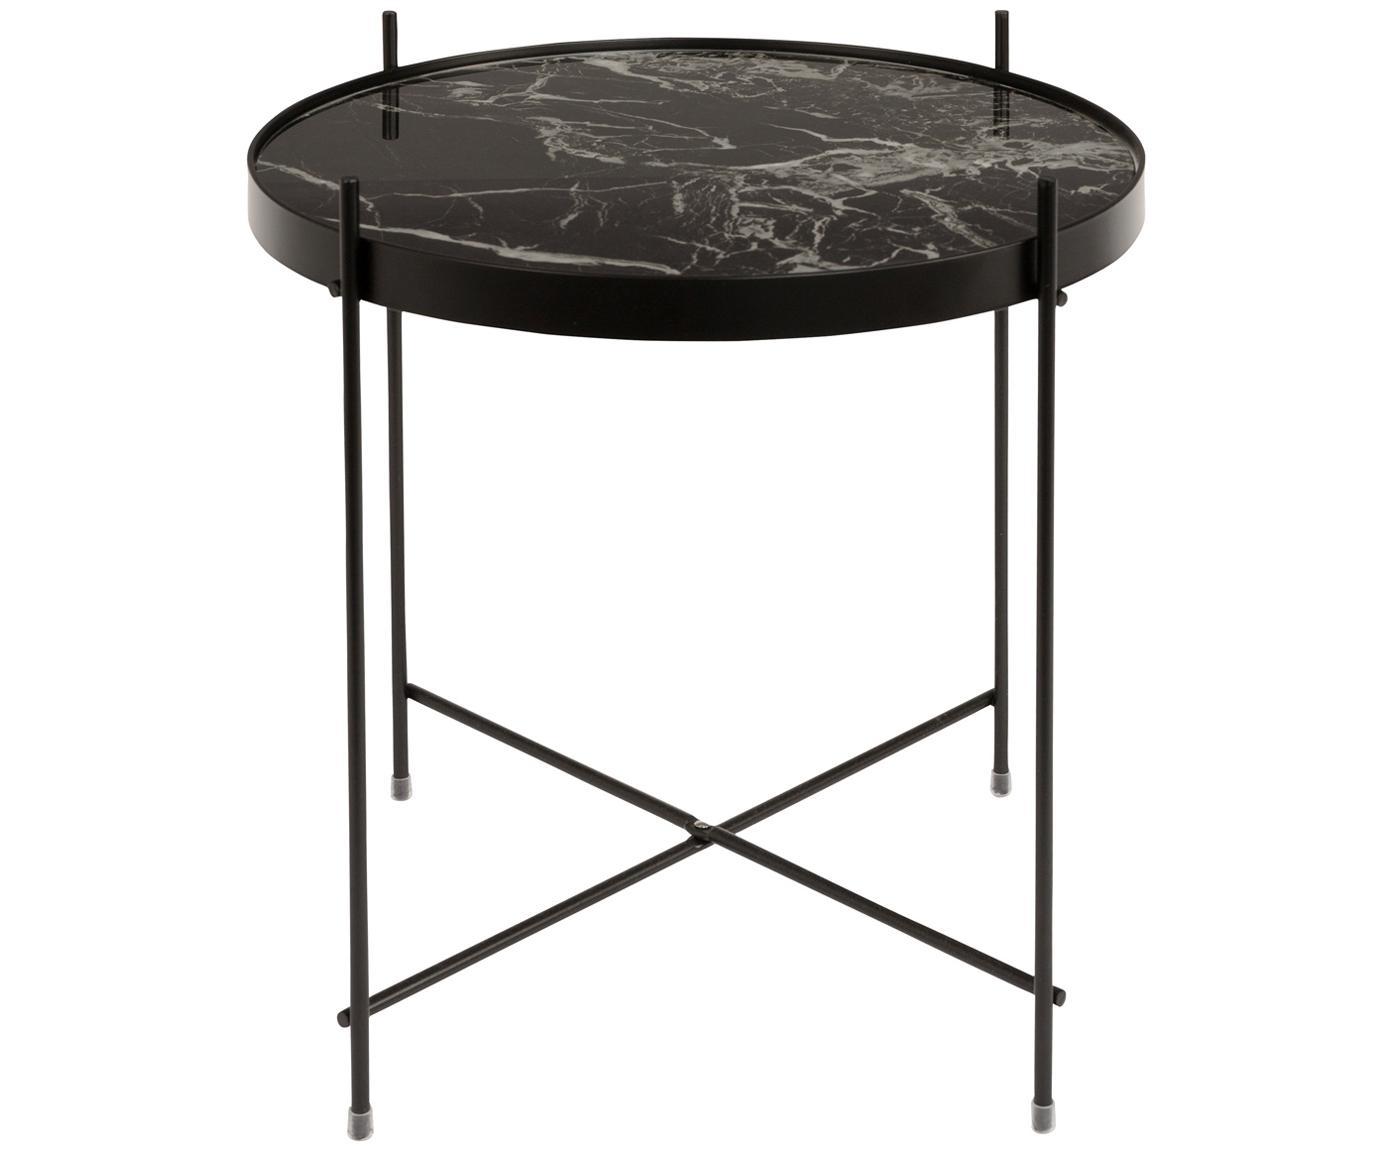 Tavolino-vassoio con piano in vetro Cupid, Struttura: metallo verniciato a polv, Piano d'appoggio: piano in vetro laminato c, Nero, Ø 43 x Alt. 45 cm